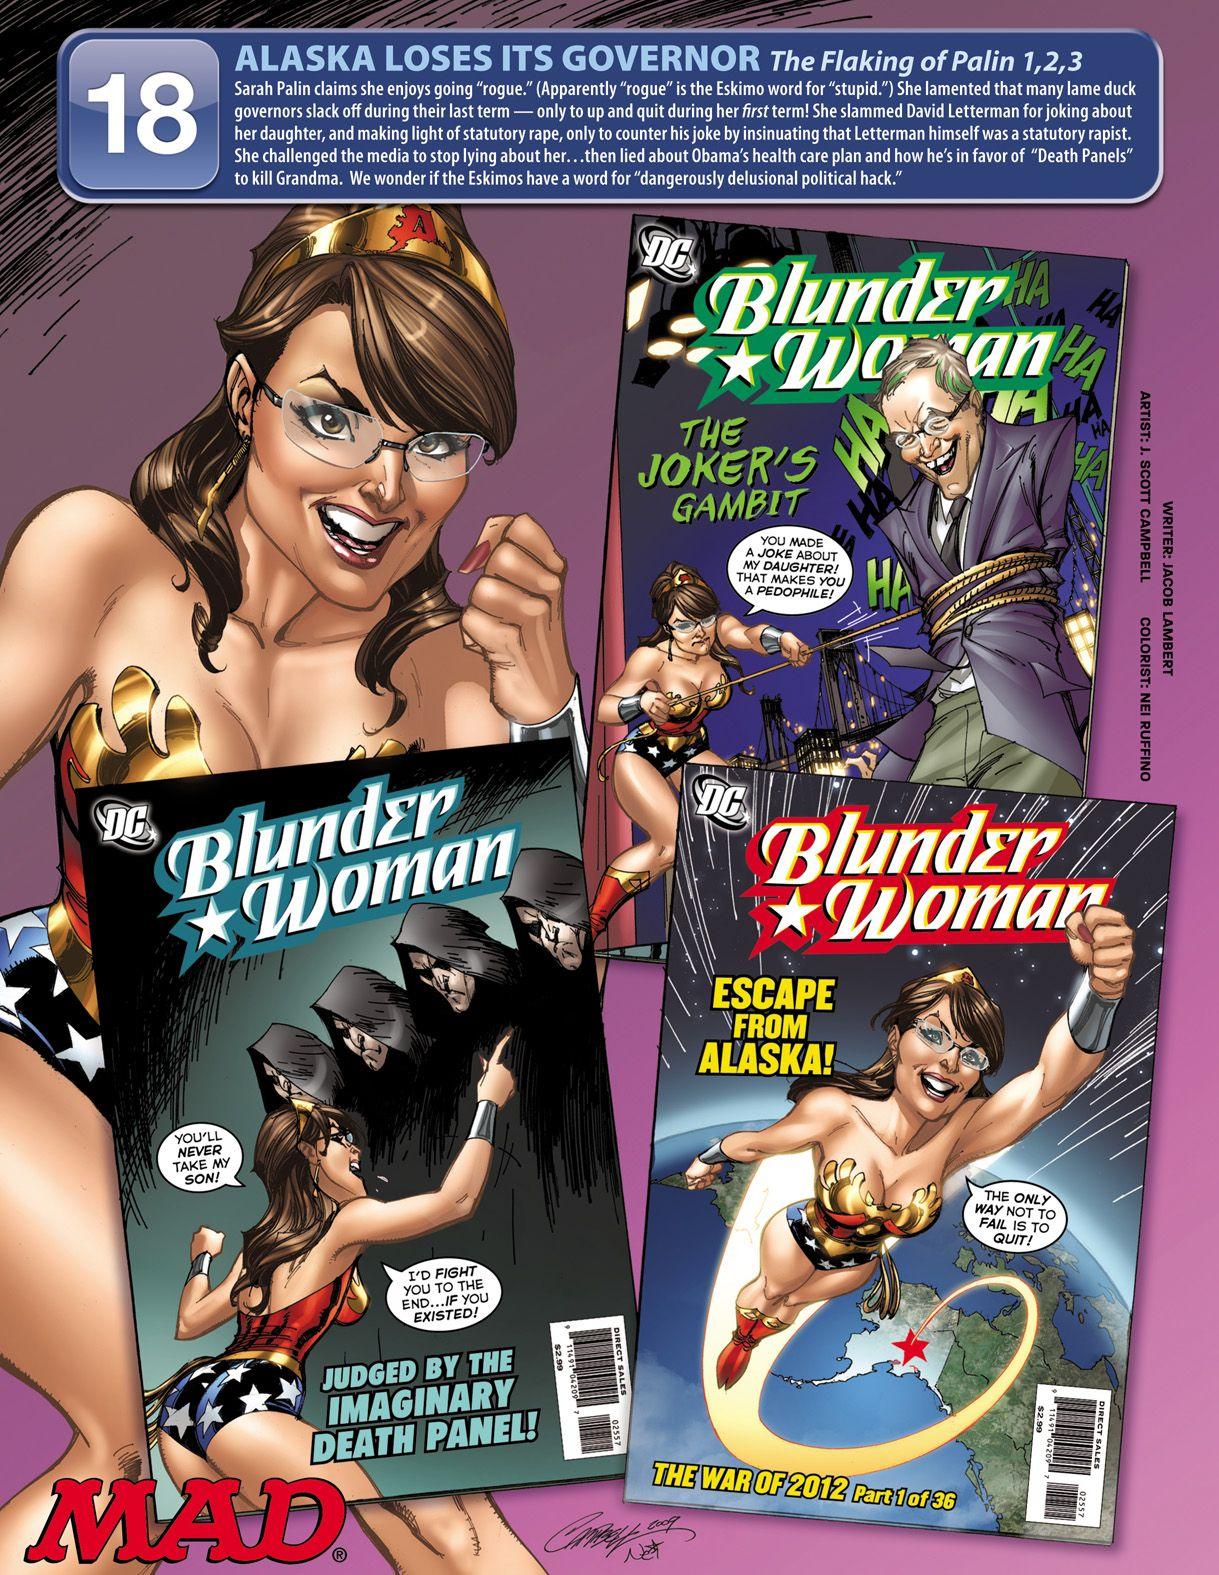 Blunderwoman